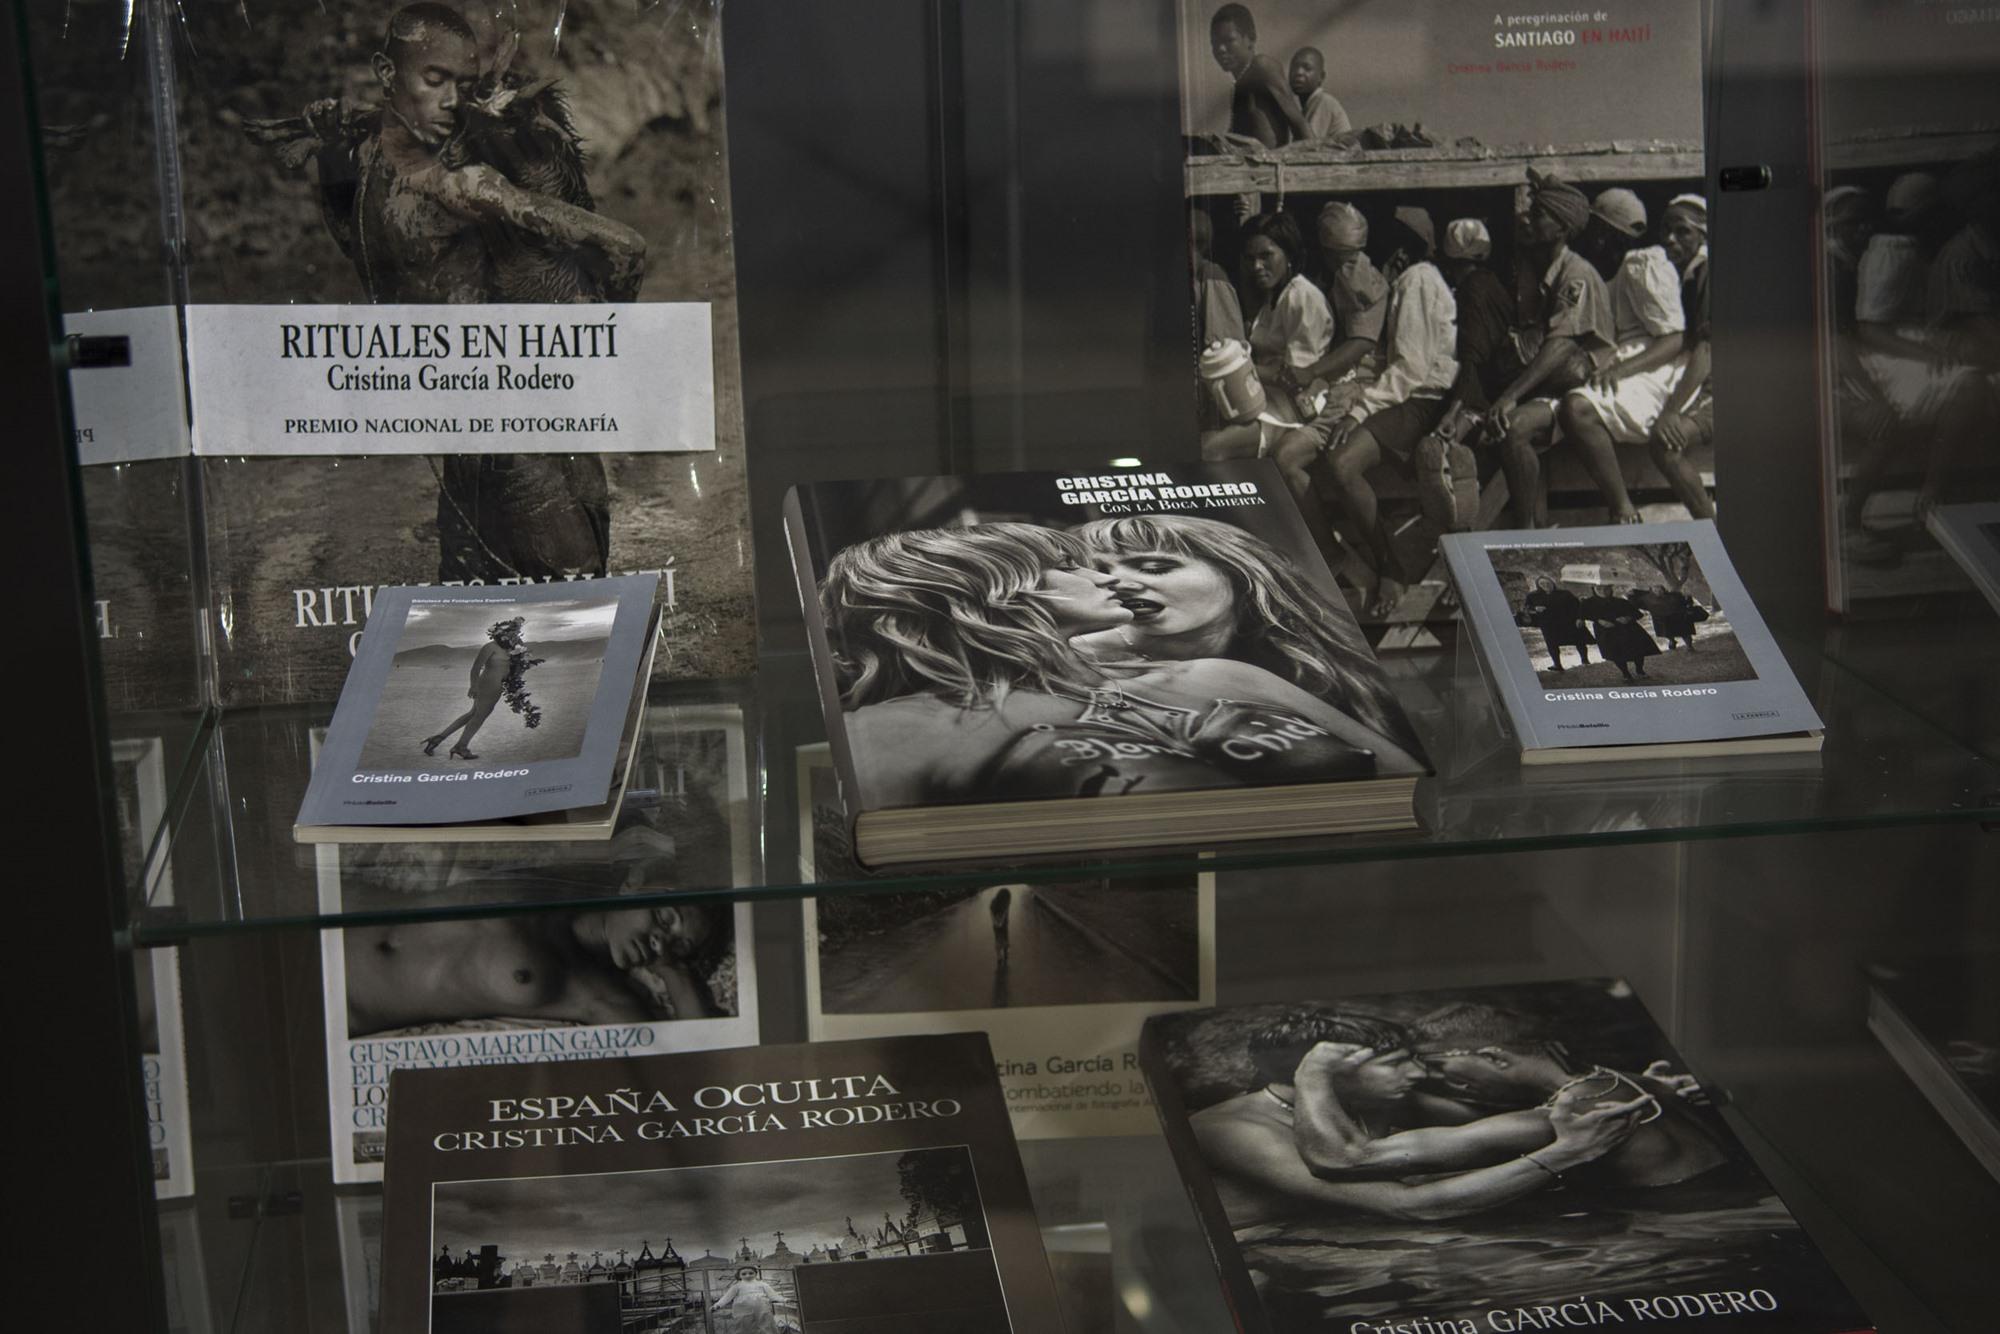 Vidriera con libros de García Rodero en la sala permanente del museo.